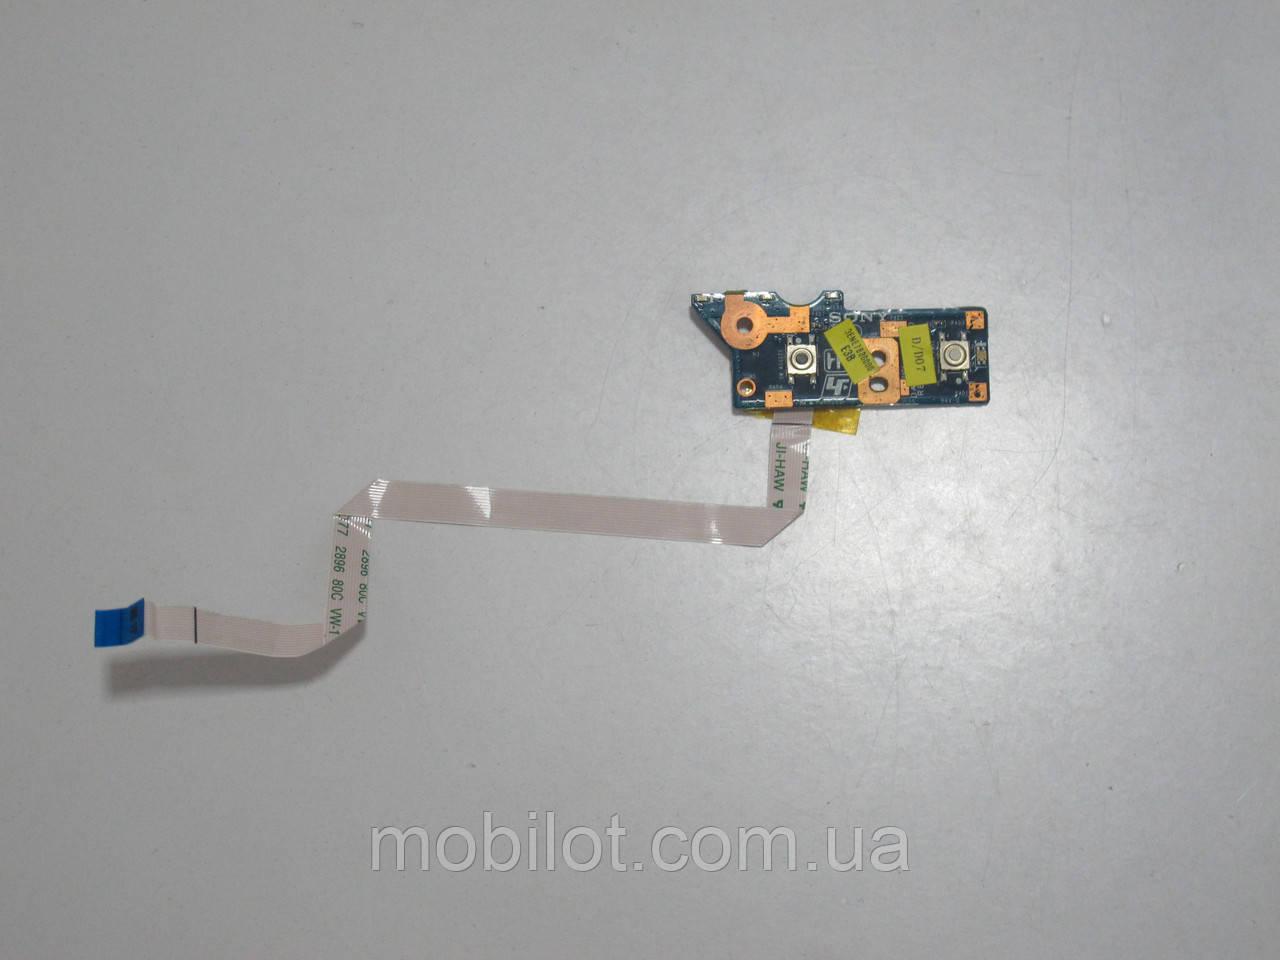 Кнопка включения Sony PCG-61611V VPCEE3E1R (NZ-4618)